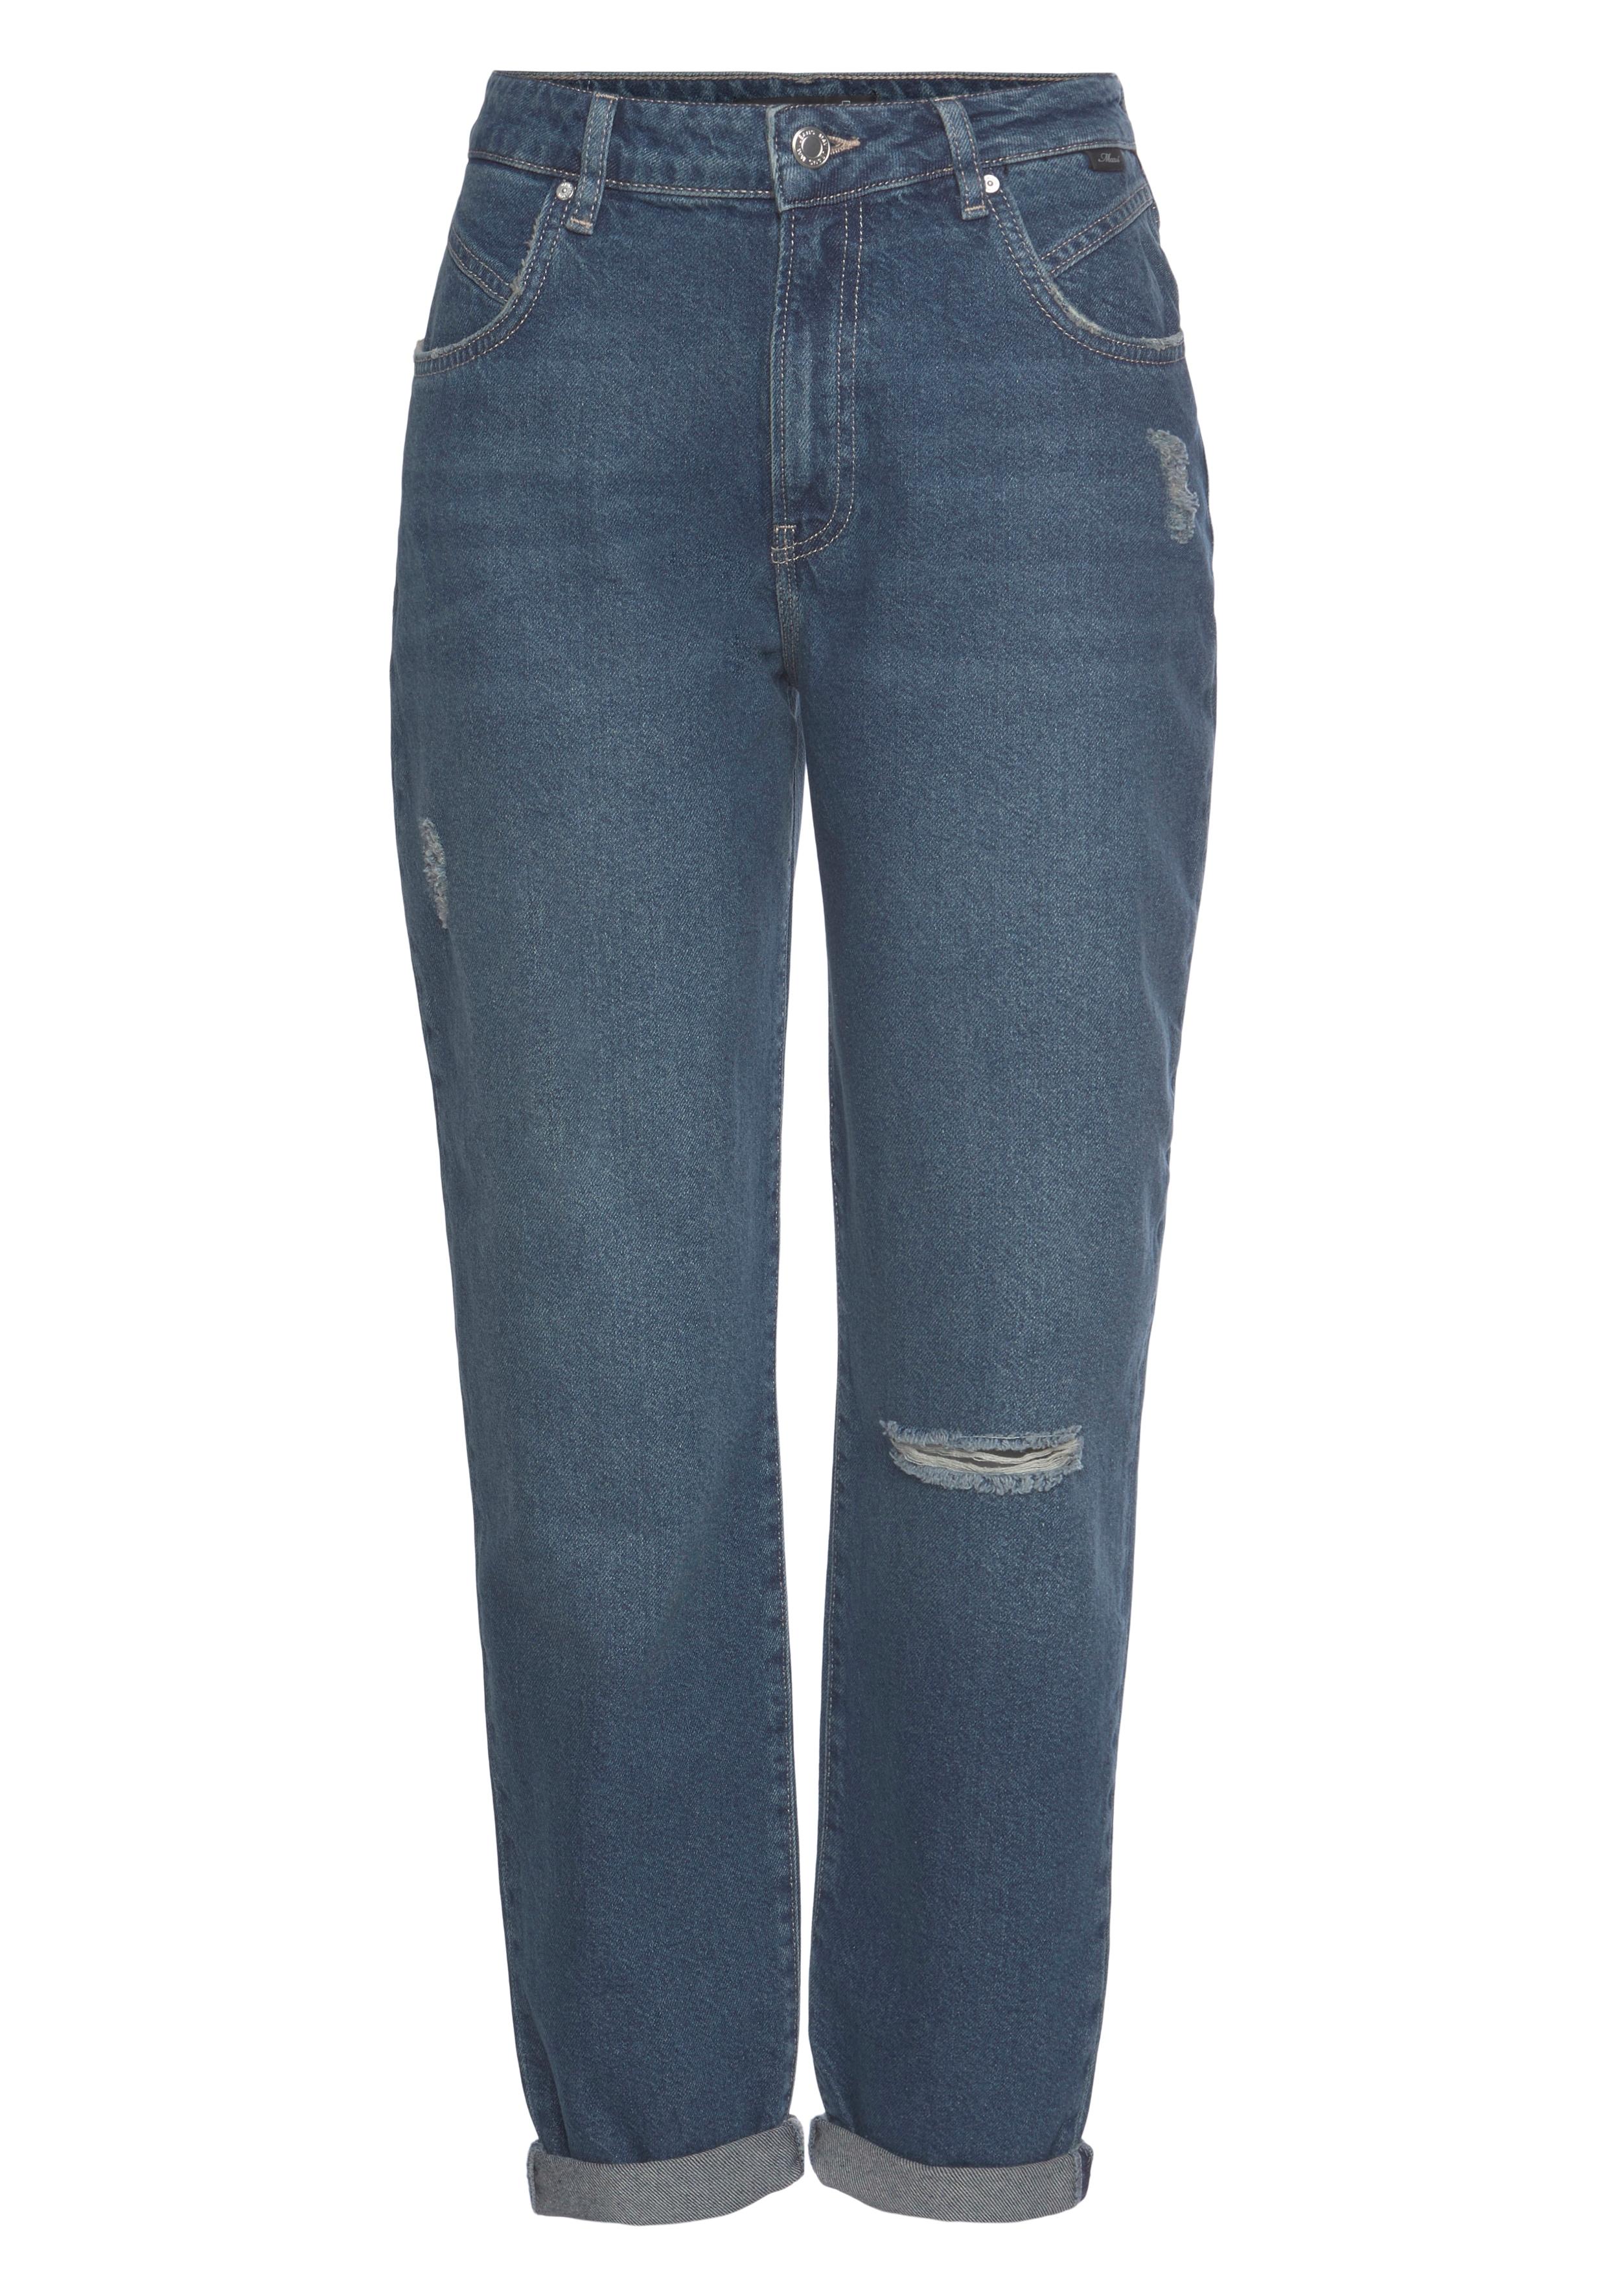 mavi -  Mom-Jeans STELLA-MA, Baumwollstretch Denim für hohen Tragekomfort